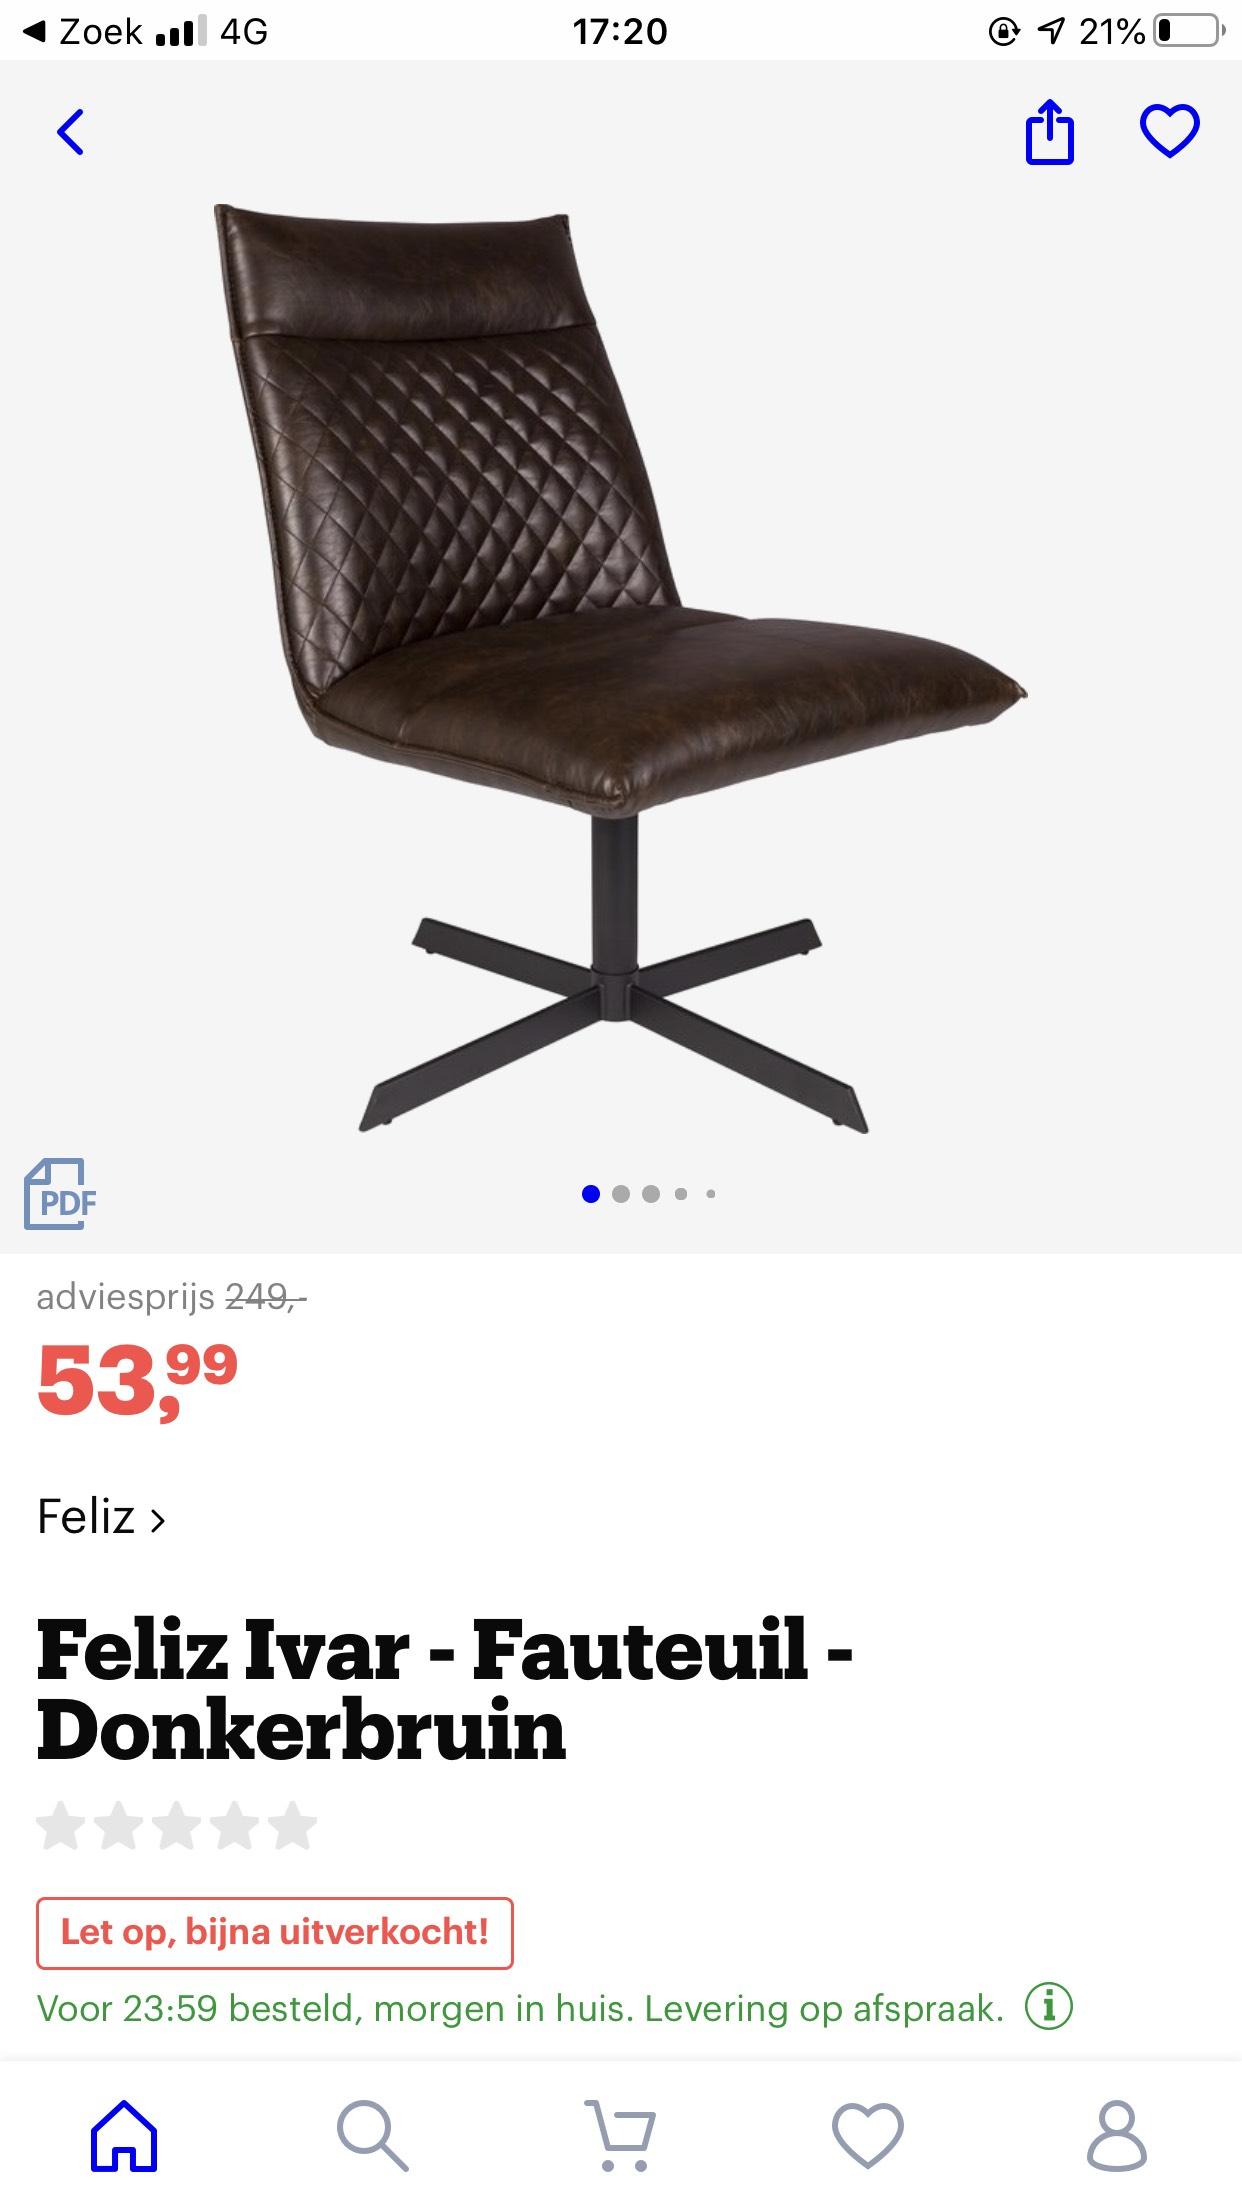 Feliz stoel Fauteuil bruin - PU LEDER @ bol.com